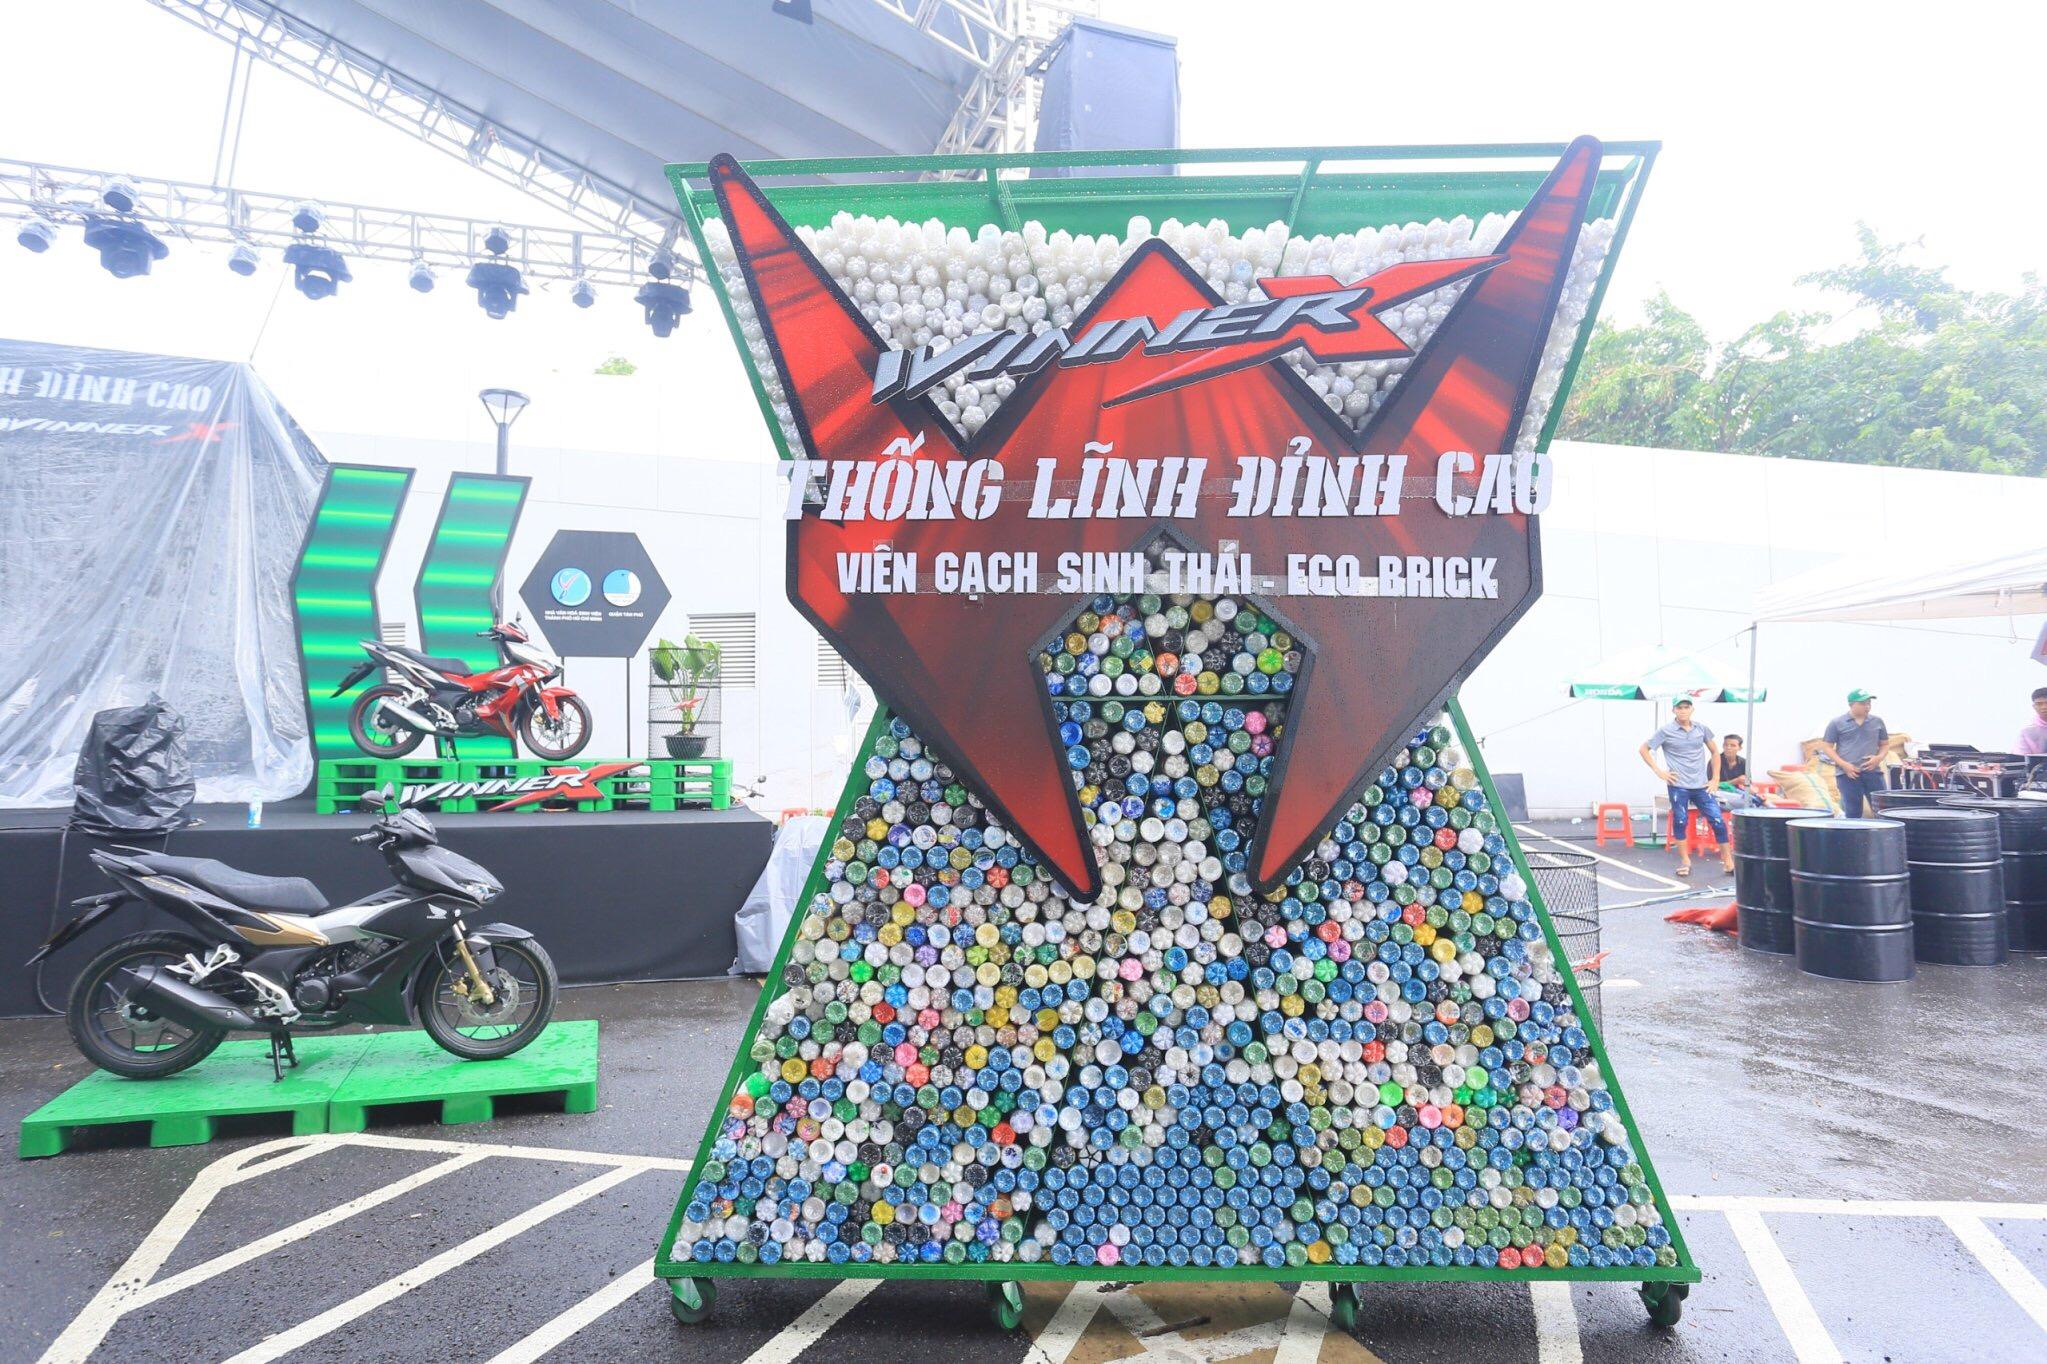 Thống lĩnh đỉnh cao, lái chất - sống xanh cùng thủ lĩnh Winner X tại Aeon Mall Tân Phú Hồ Chí Minh - Hình 3